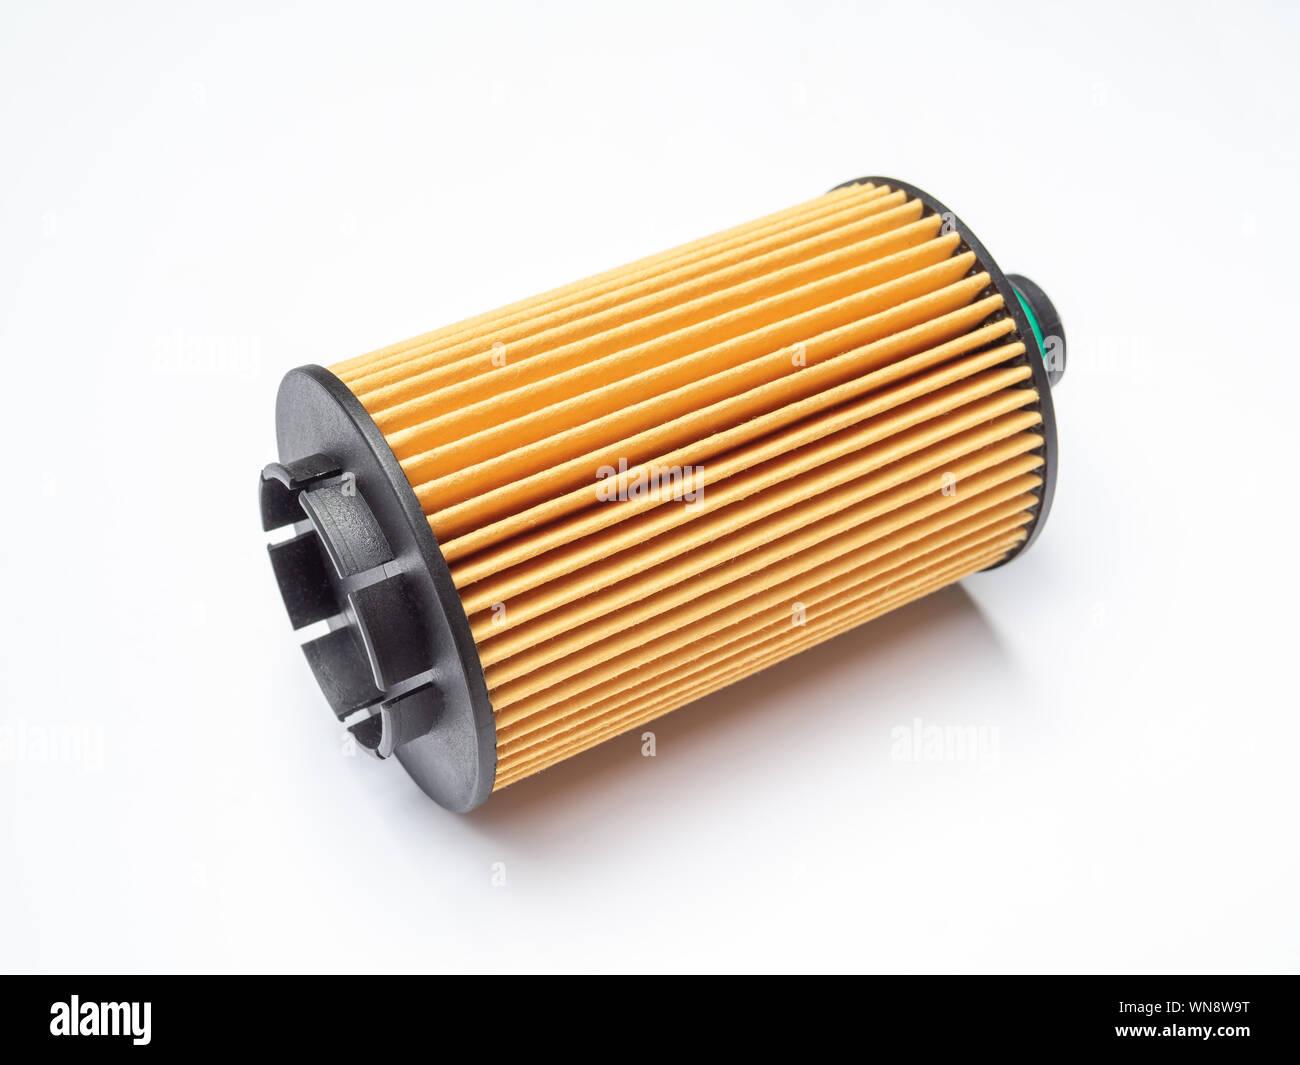 Fuel Filter Banque d'image et photos   Alamy